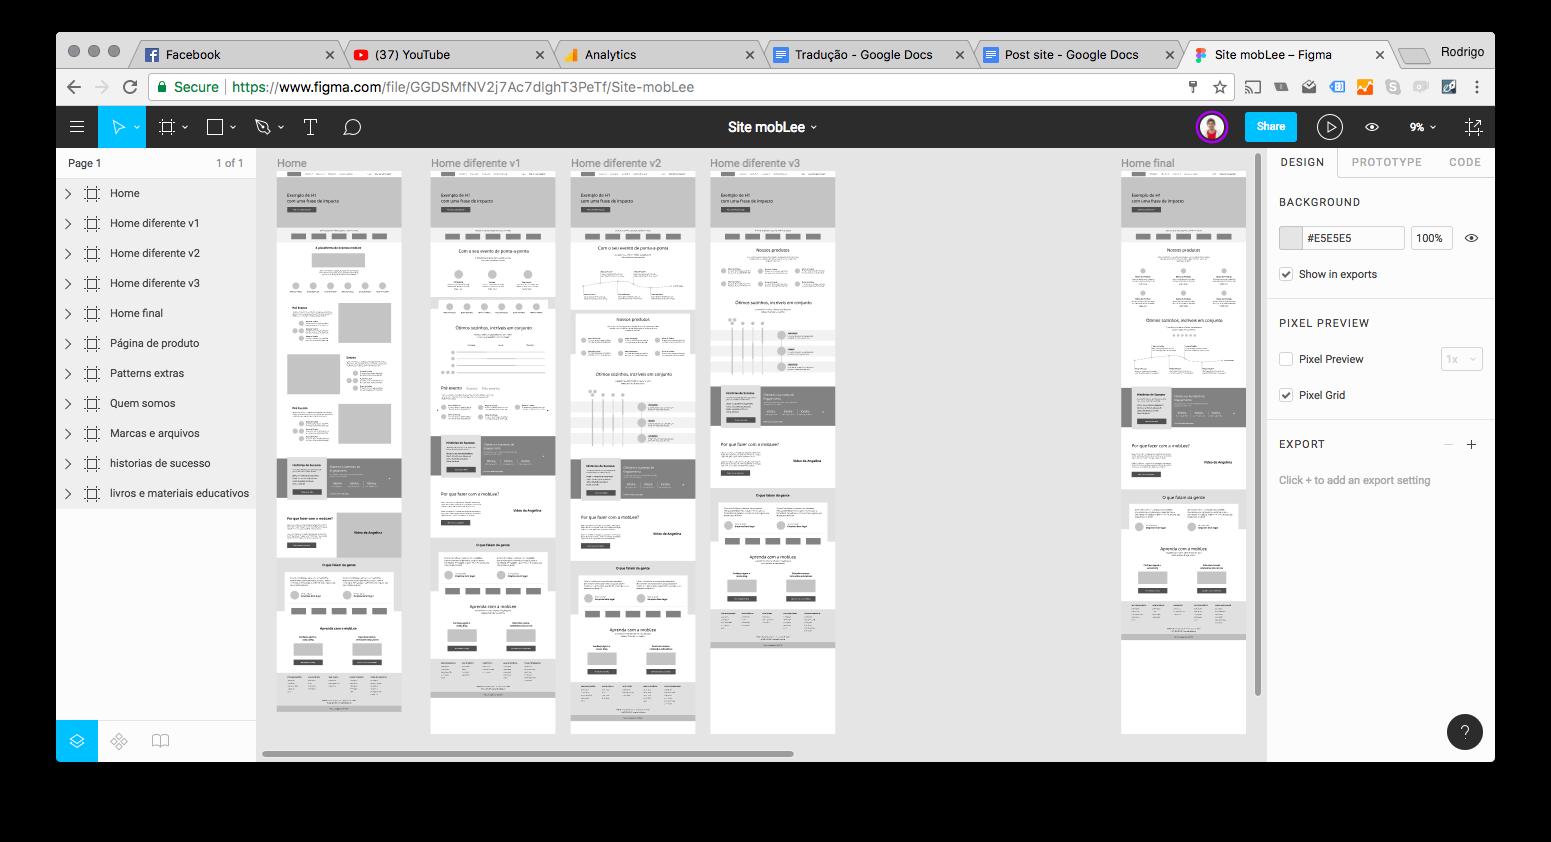 imagem do protótipo do novo site da mobLee